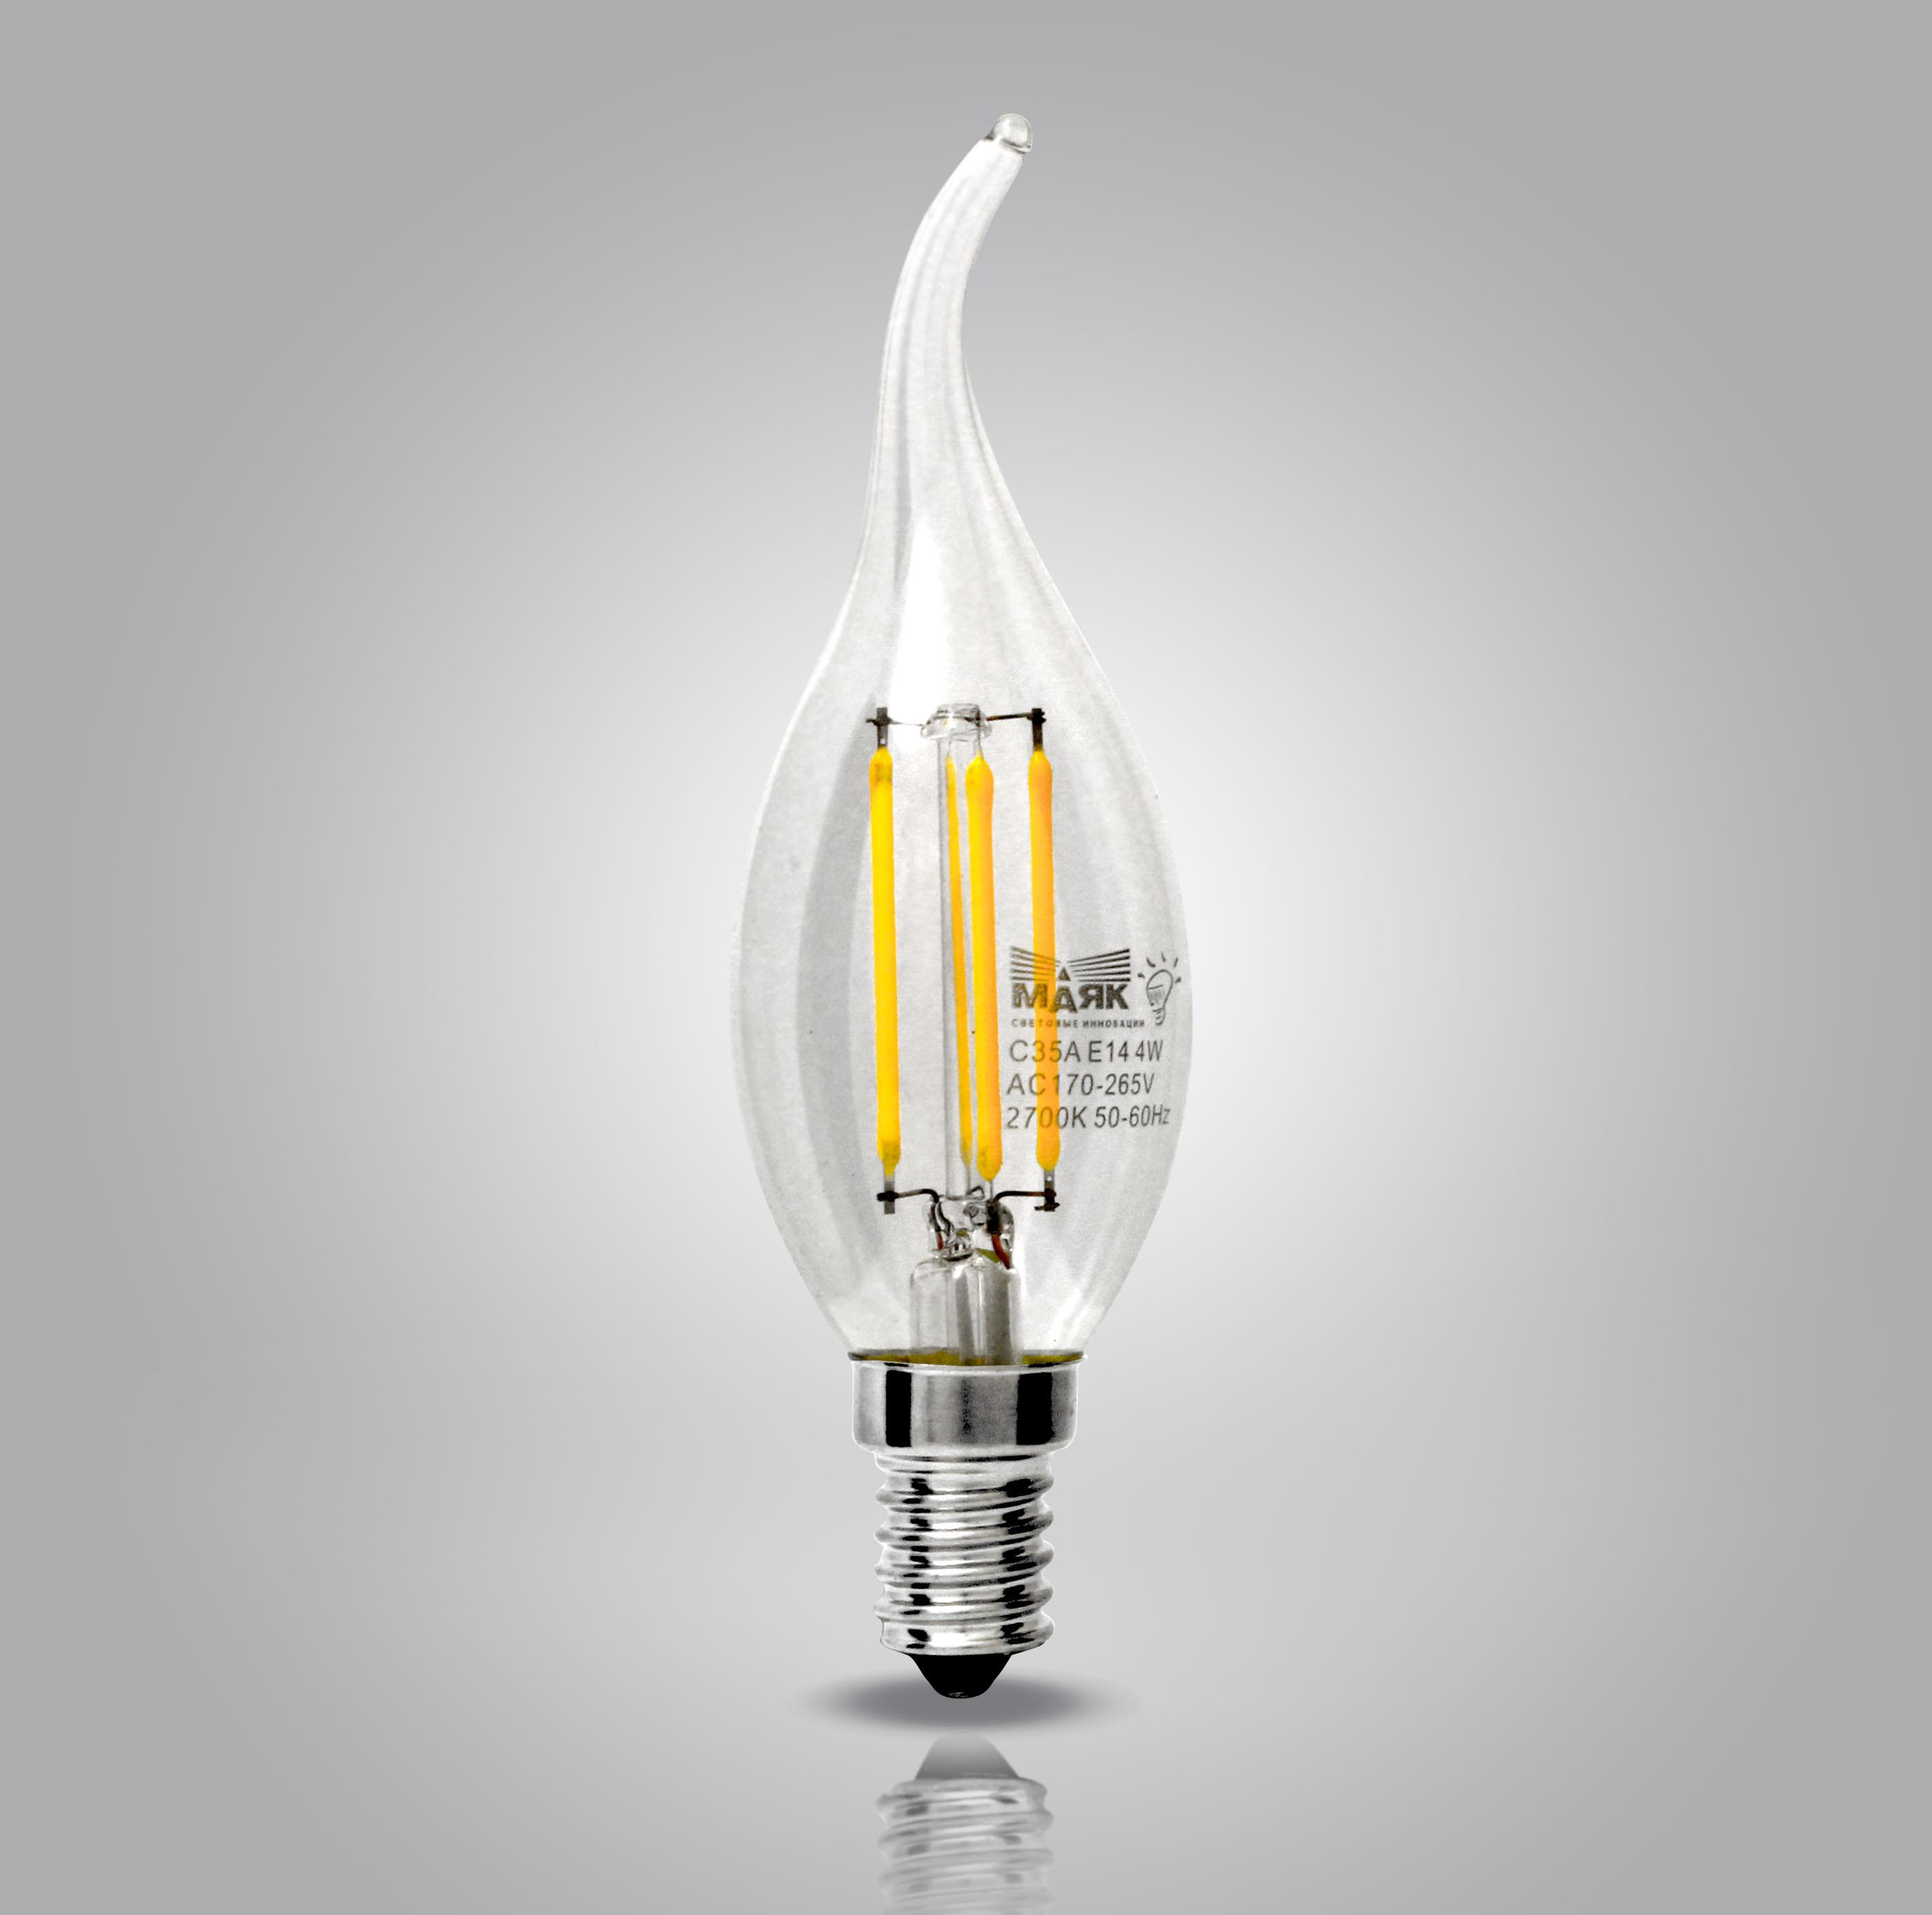 МАЯК - Лампа светодиодная МАЯК Led-c35af/4w/2700 (LBF-C35A-E14/4W/2700-001)